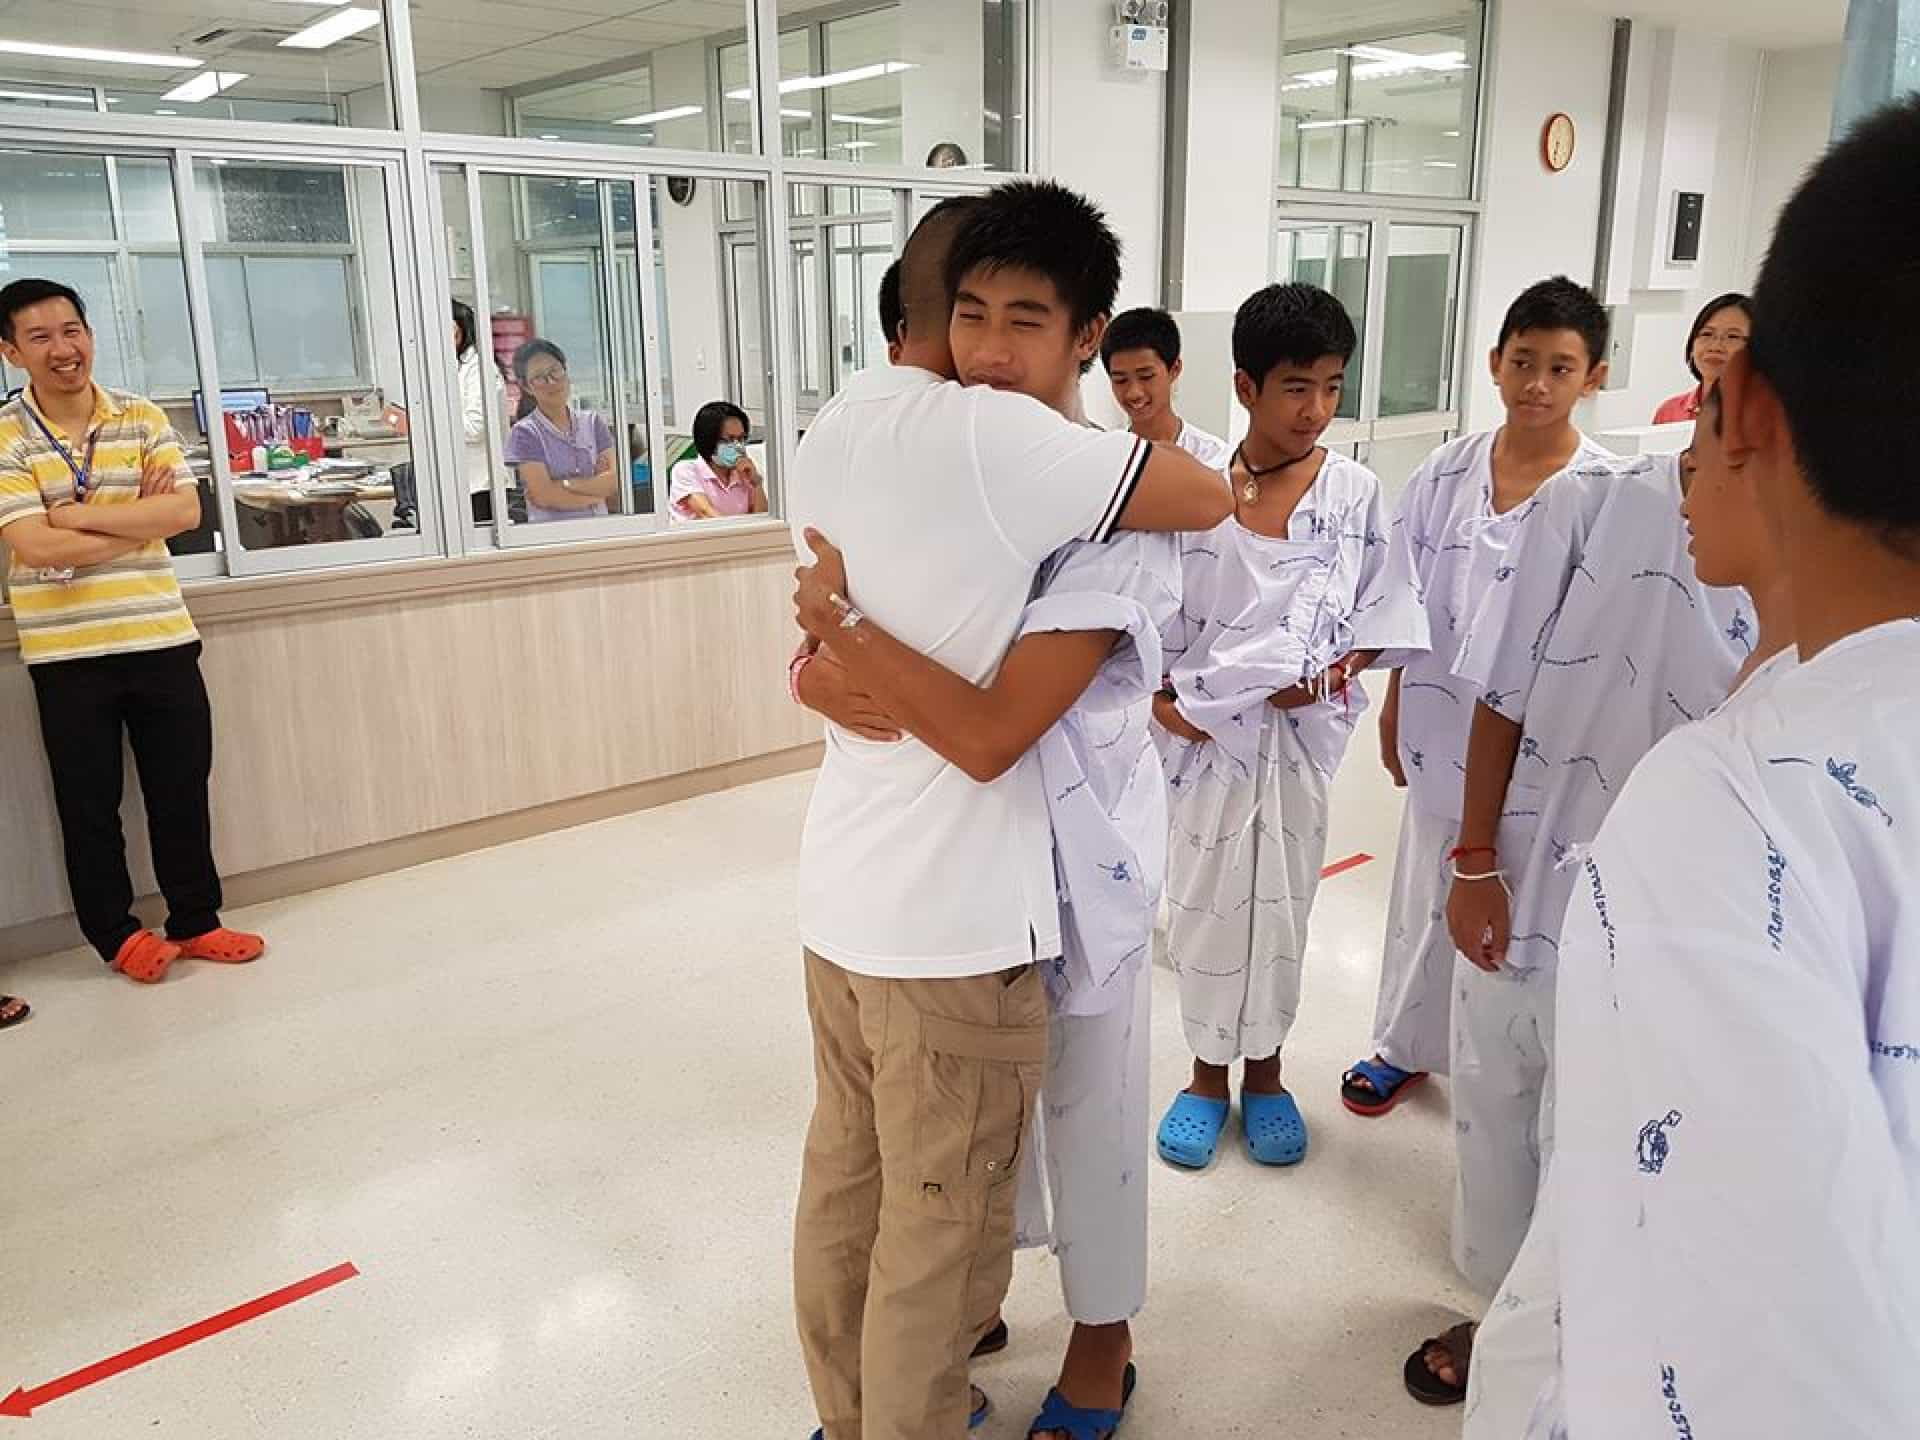 Rapazes recebem visita de médico tailandês que ficou com eles na gruta